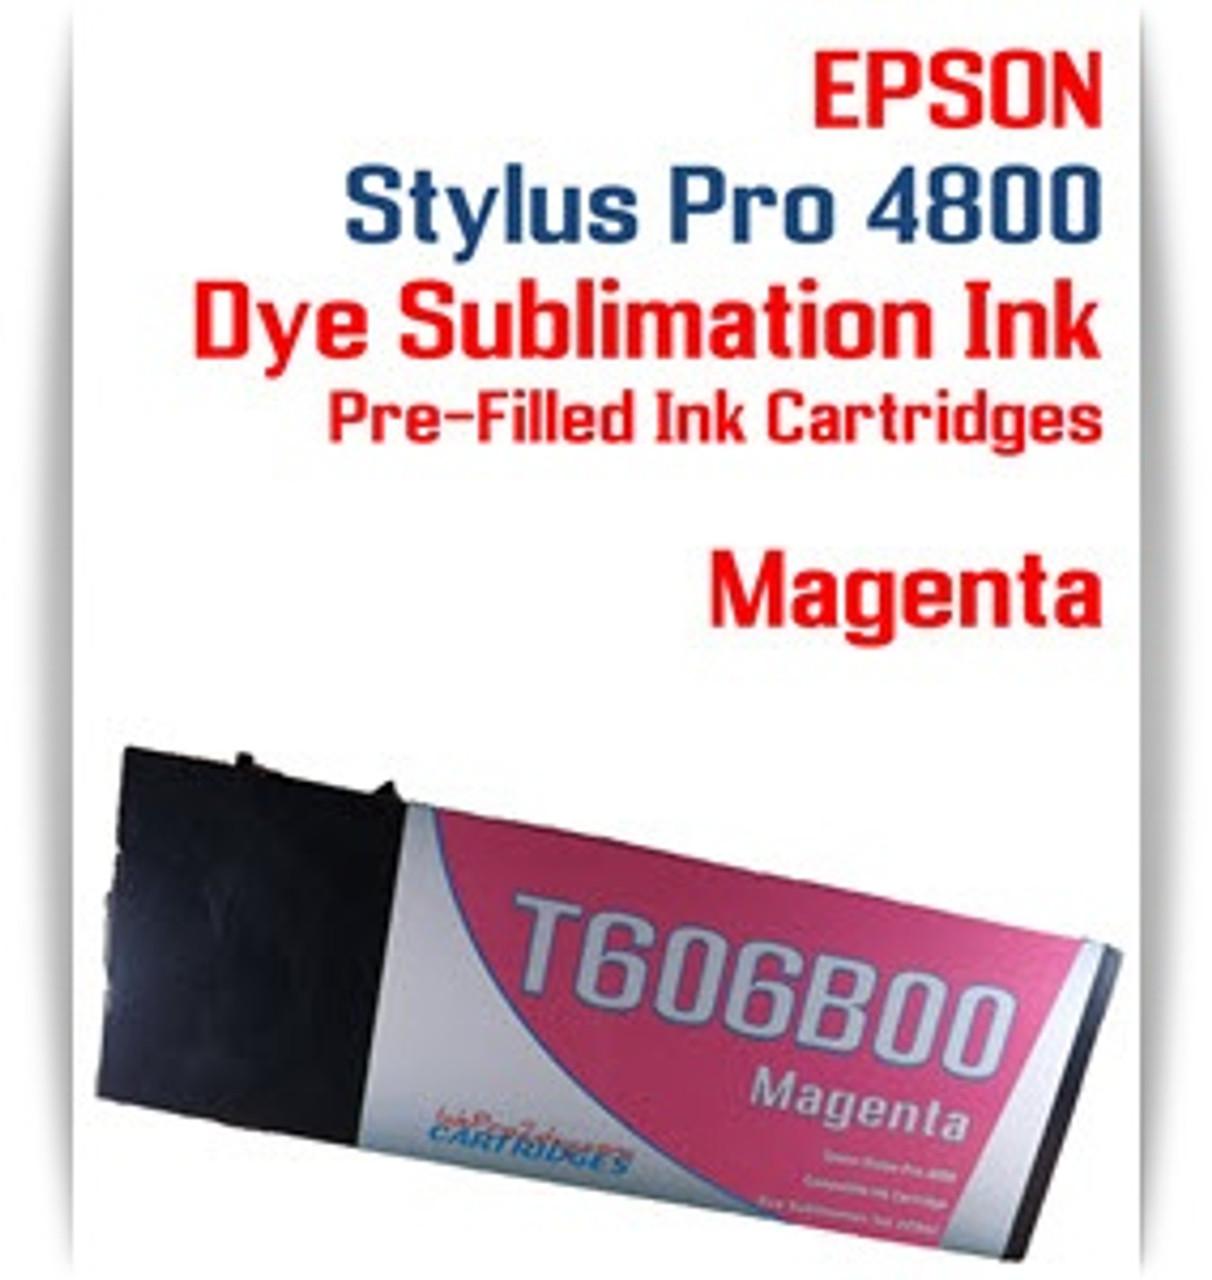 Magenta Epson Stylus Pro 4800 Dye Sublimation Ink Cartridges 220ml